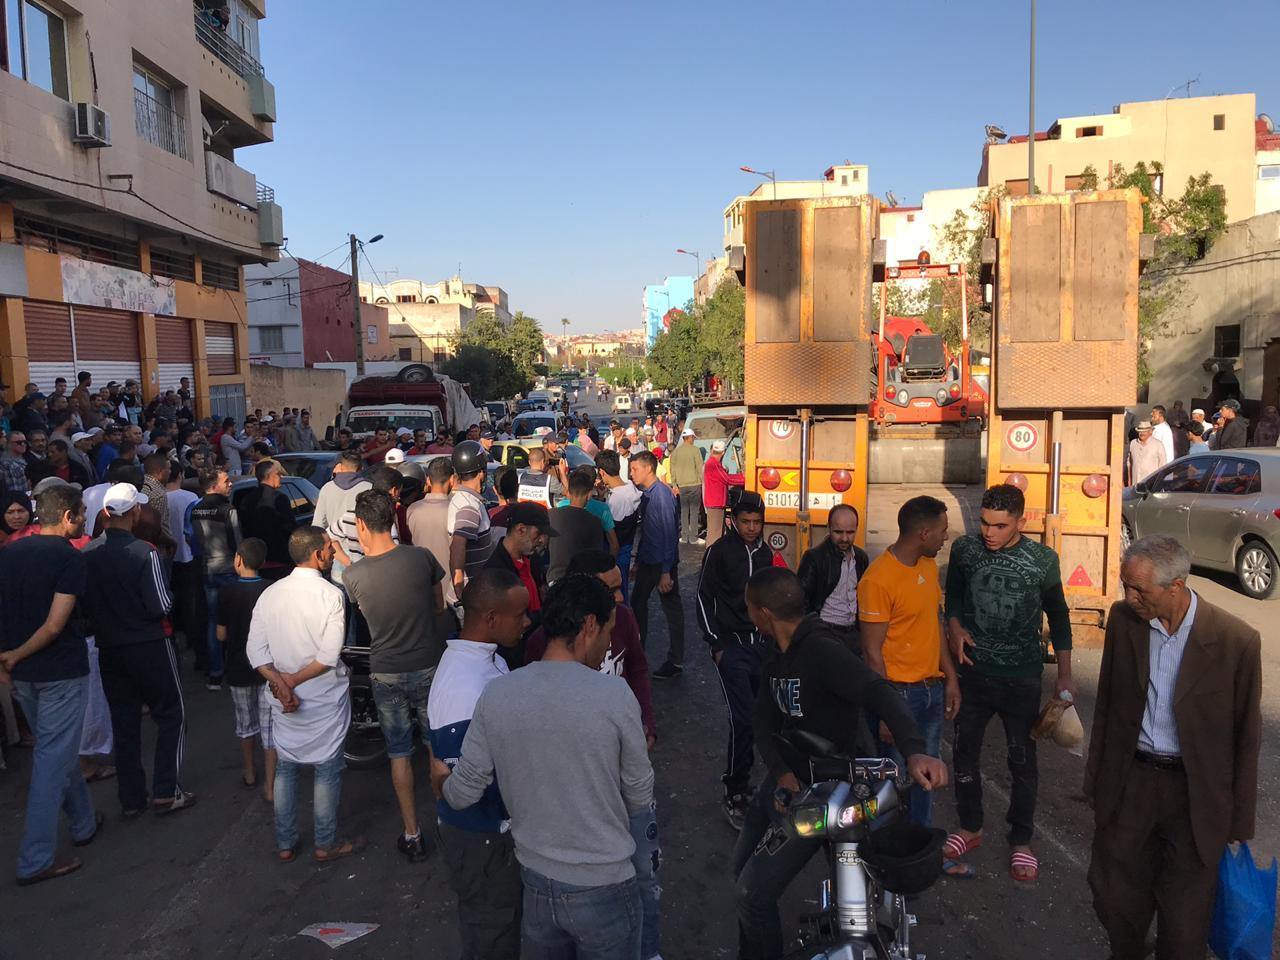 سطات تنجو من الكارثة .. شاحنة مجنونة تدهس سيارات ومواطنين لحظات قبل الإفطار